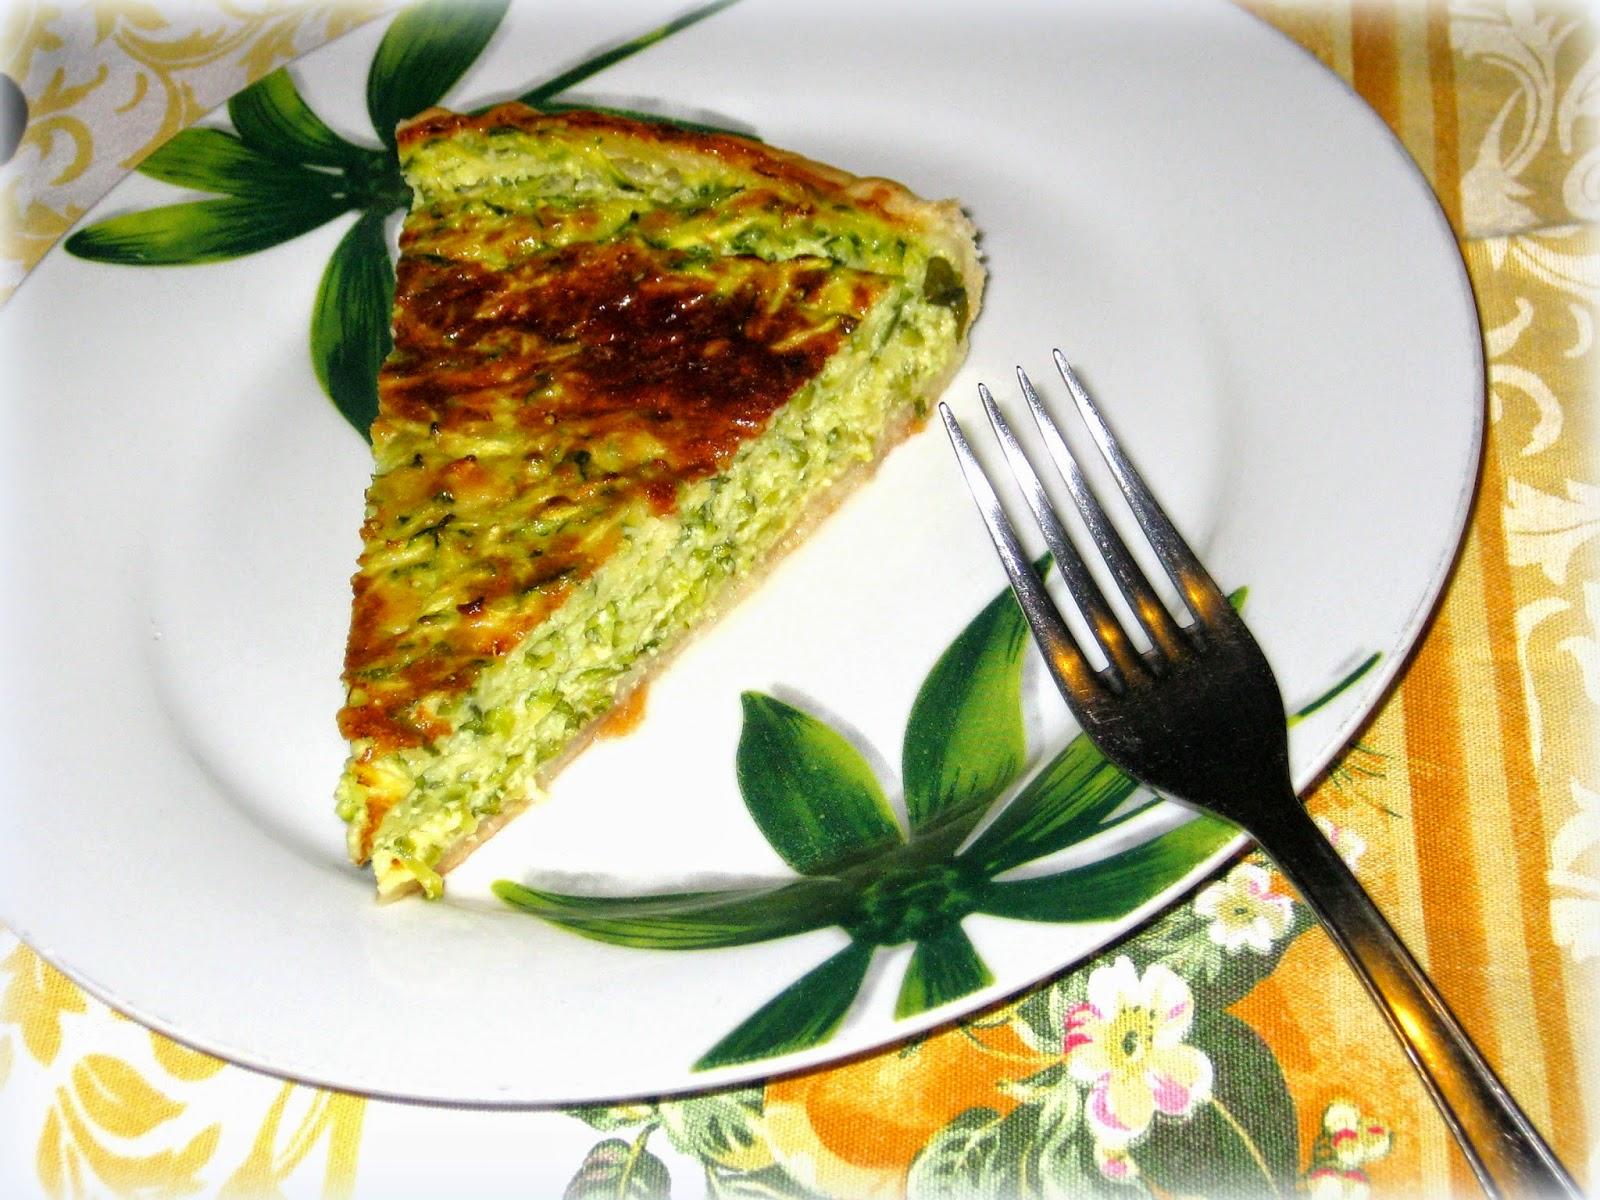 La ricetta della Quiche di Zucchine è facile da preparare e il sapore è fresco e delicato, con basilico e tante zucchine.